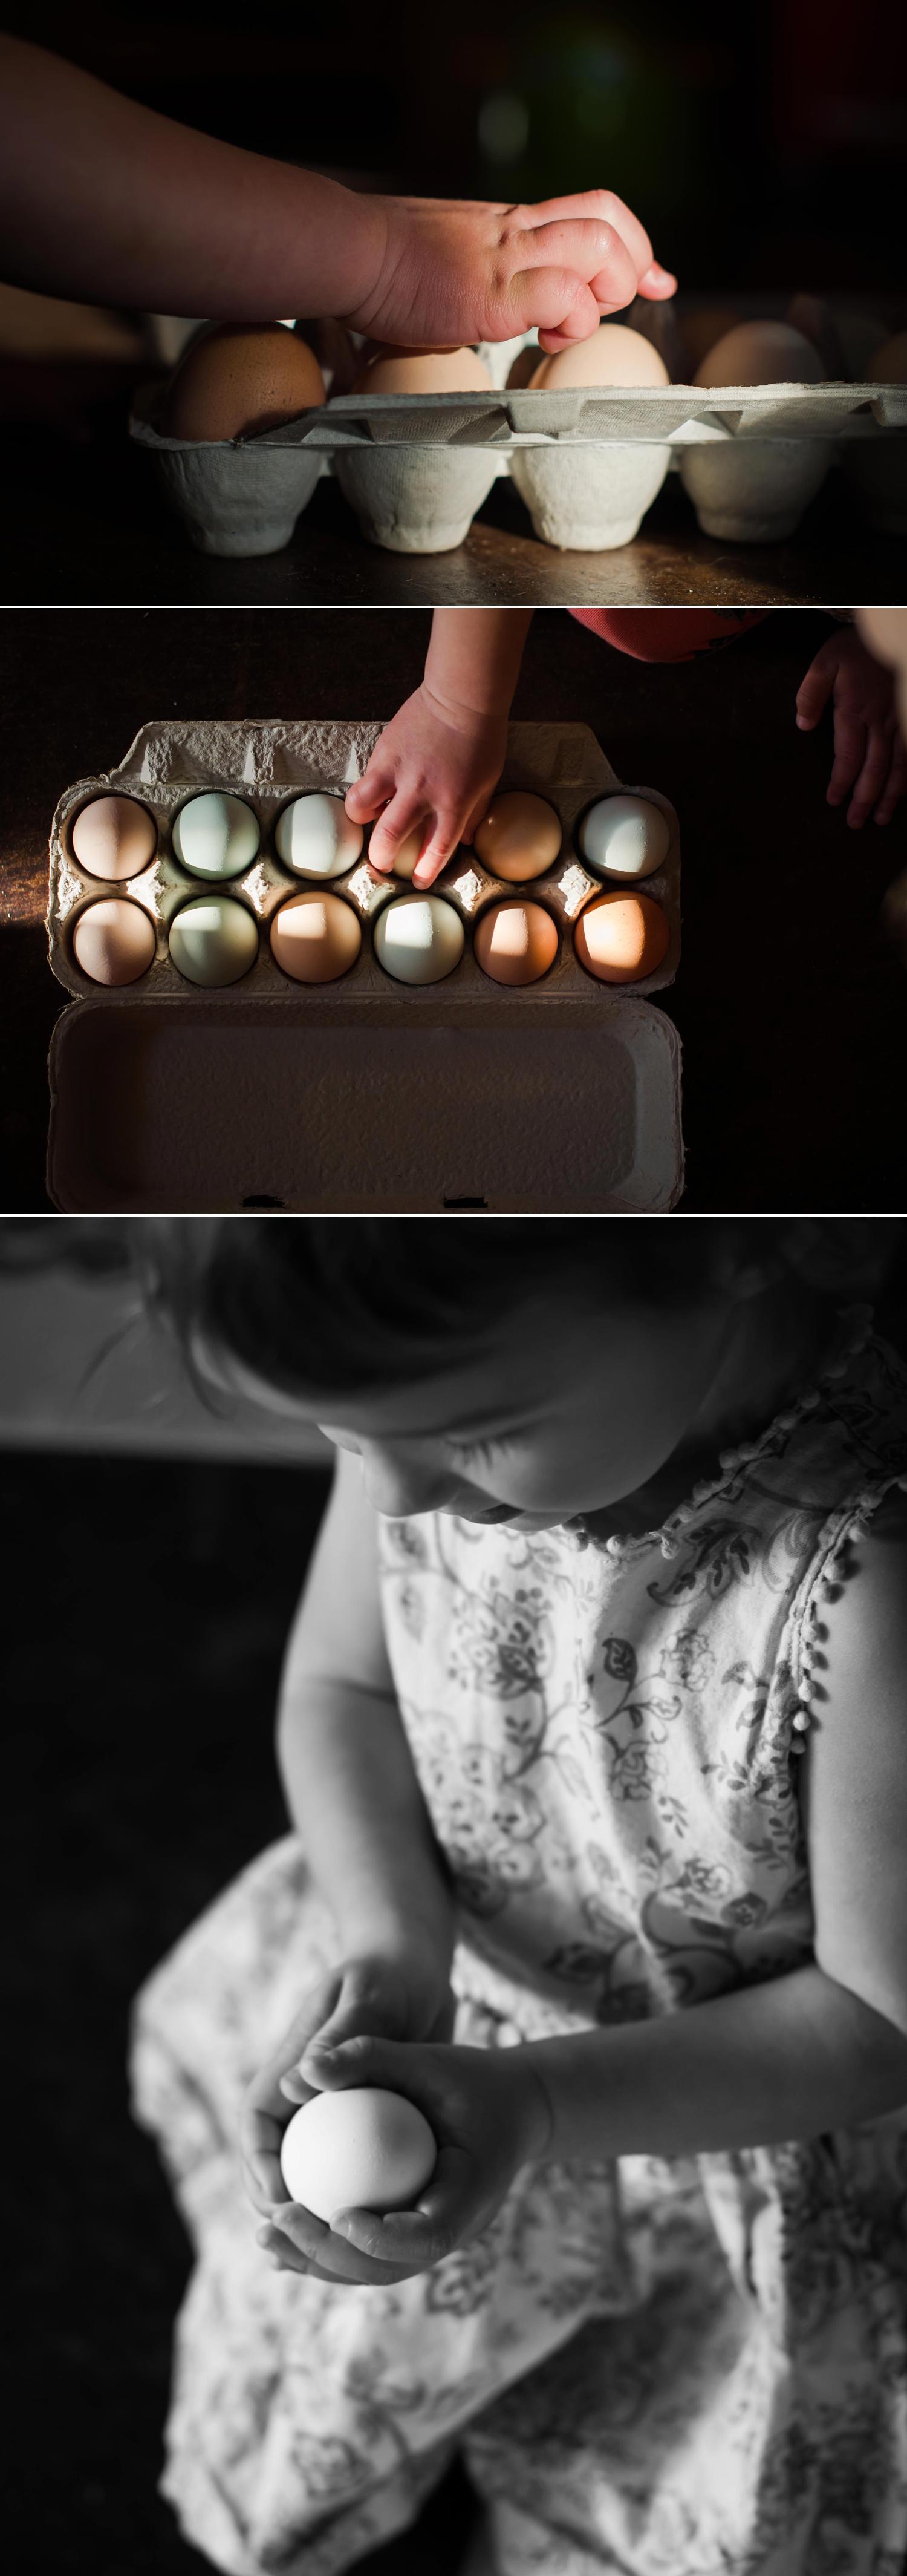 eggs_0005.jpg